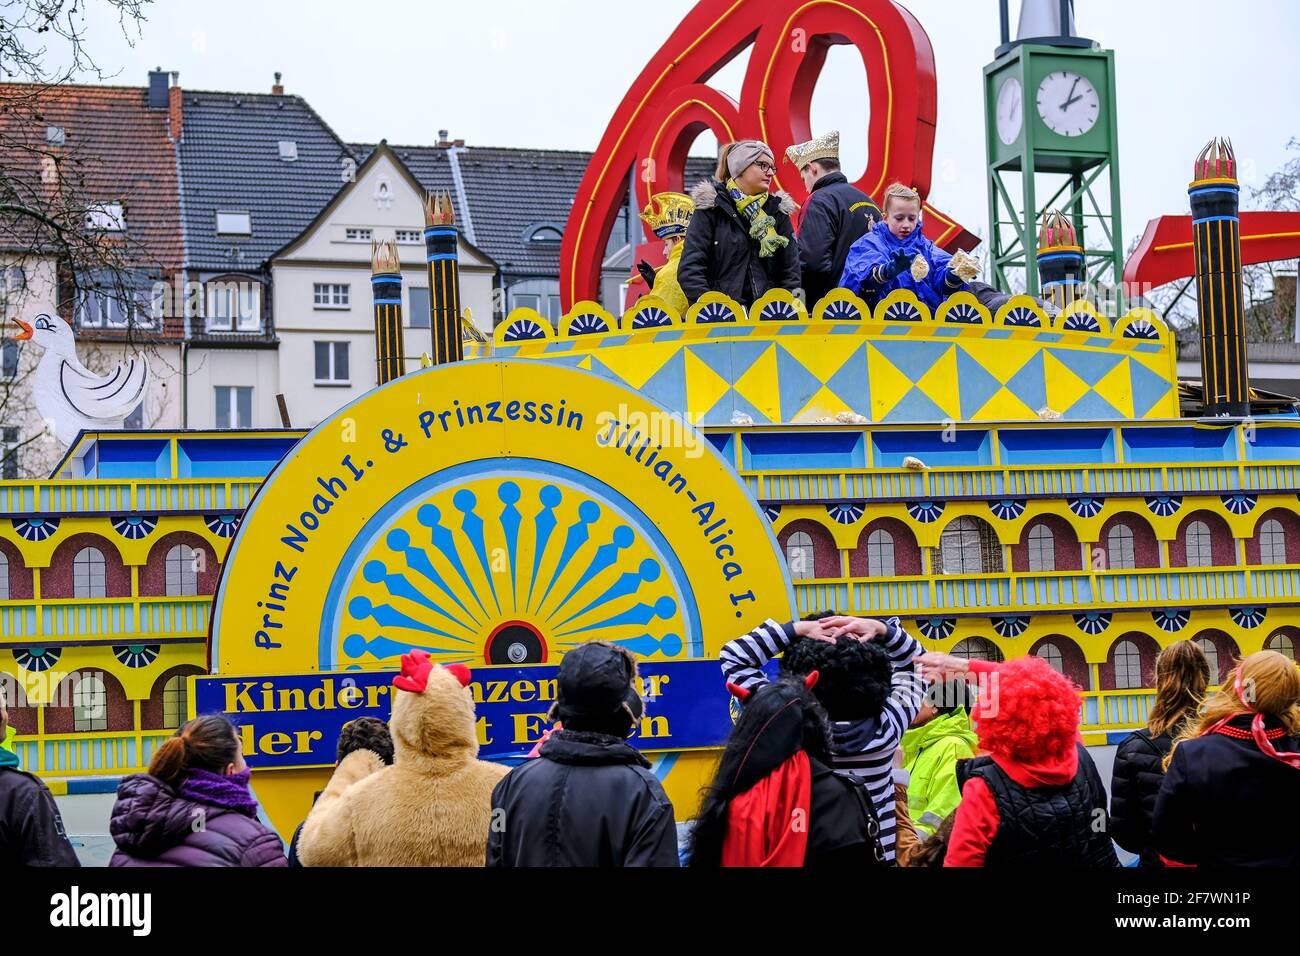 24.02.2020, Essen, Nordrhein-Westfalen, Deutschland - Strassenkarneval am Rosenmontag in Essen-Ruettenscheid am Ruettenscheider Markt Stock Photo